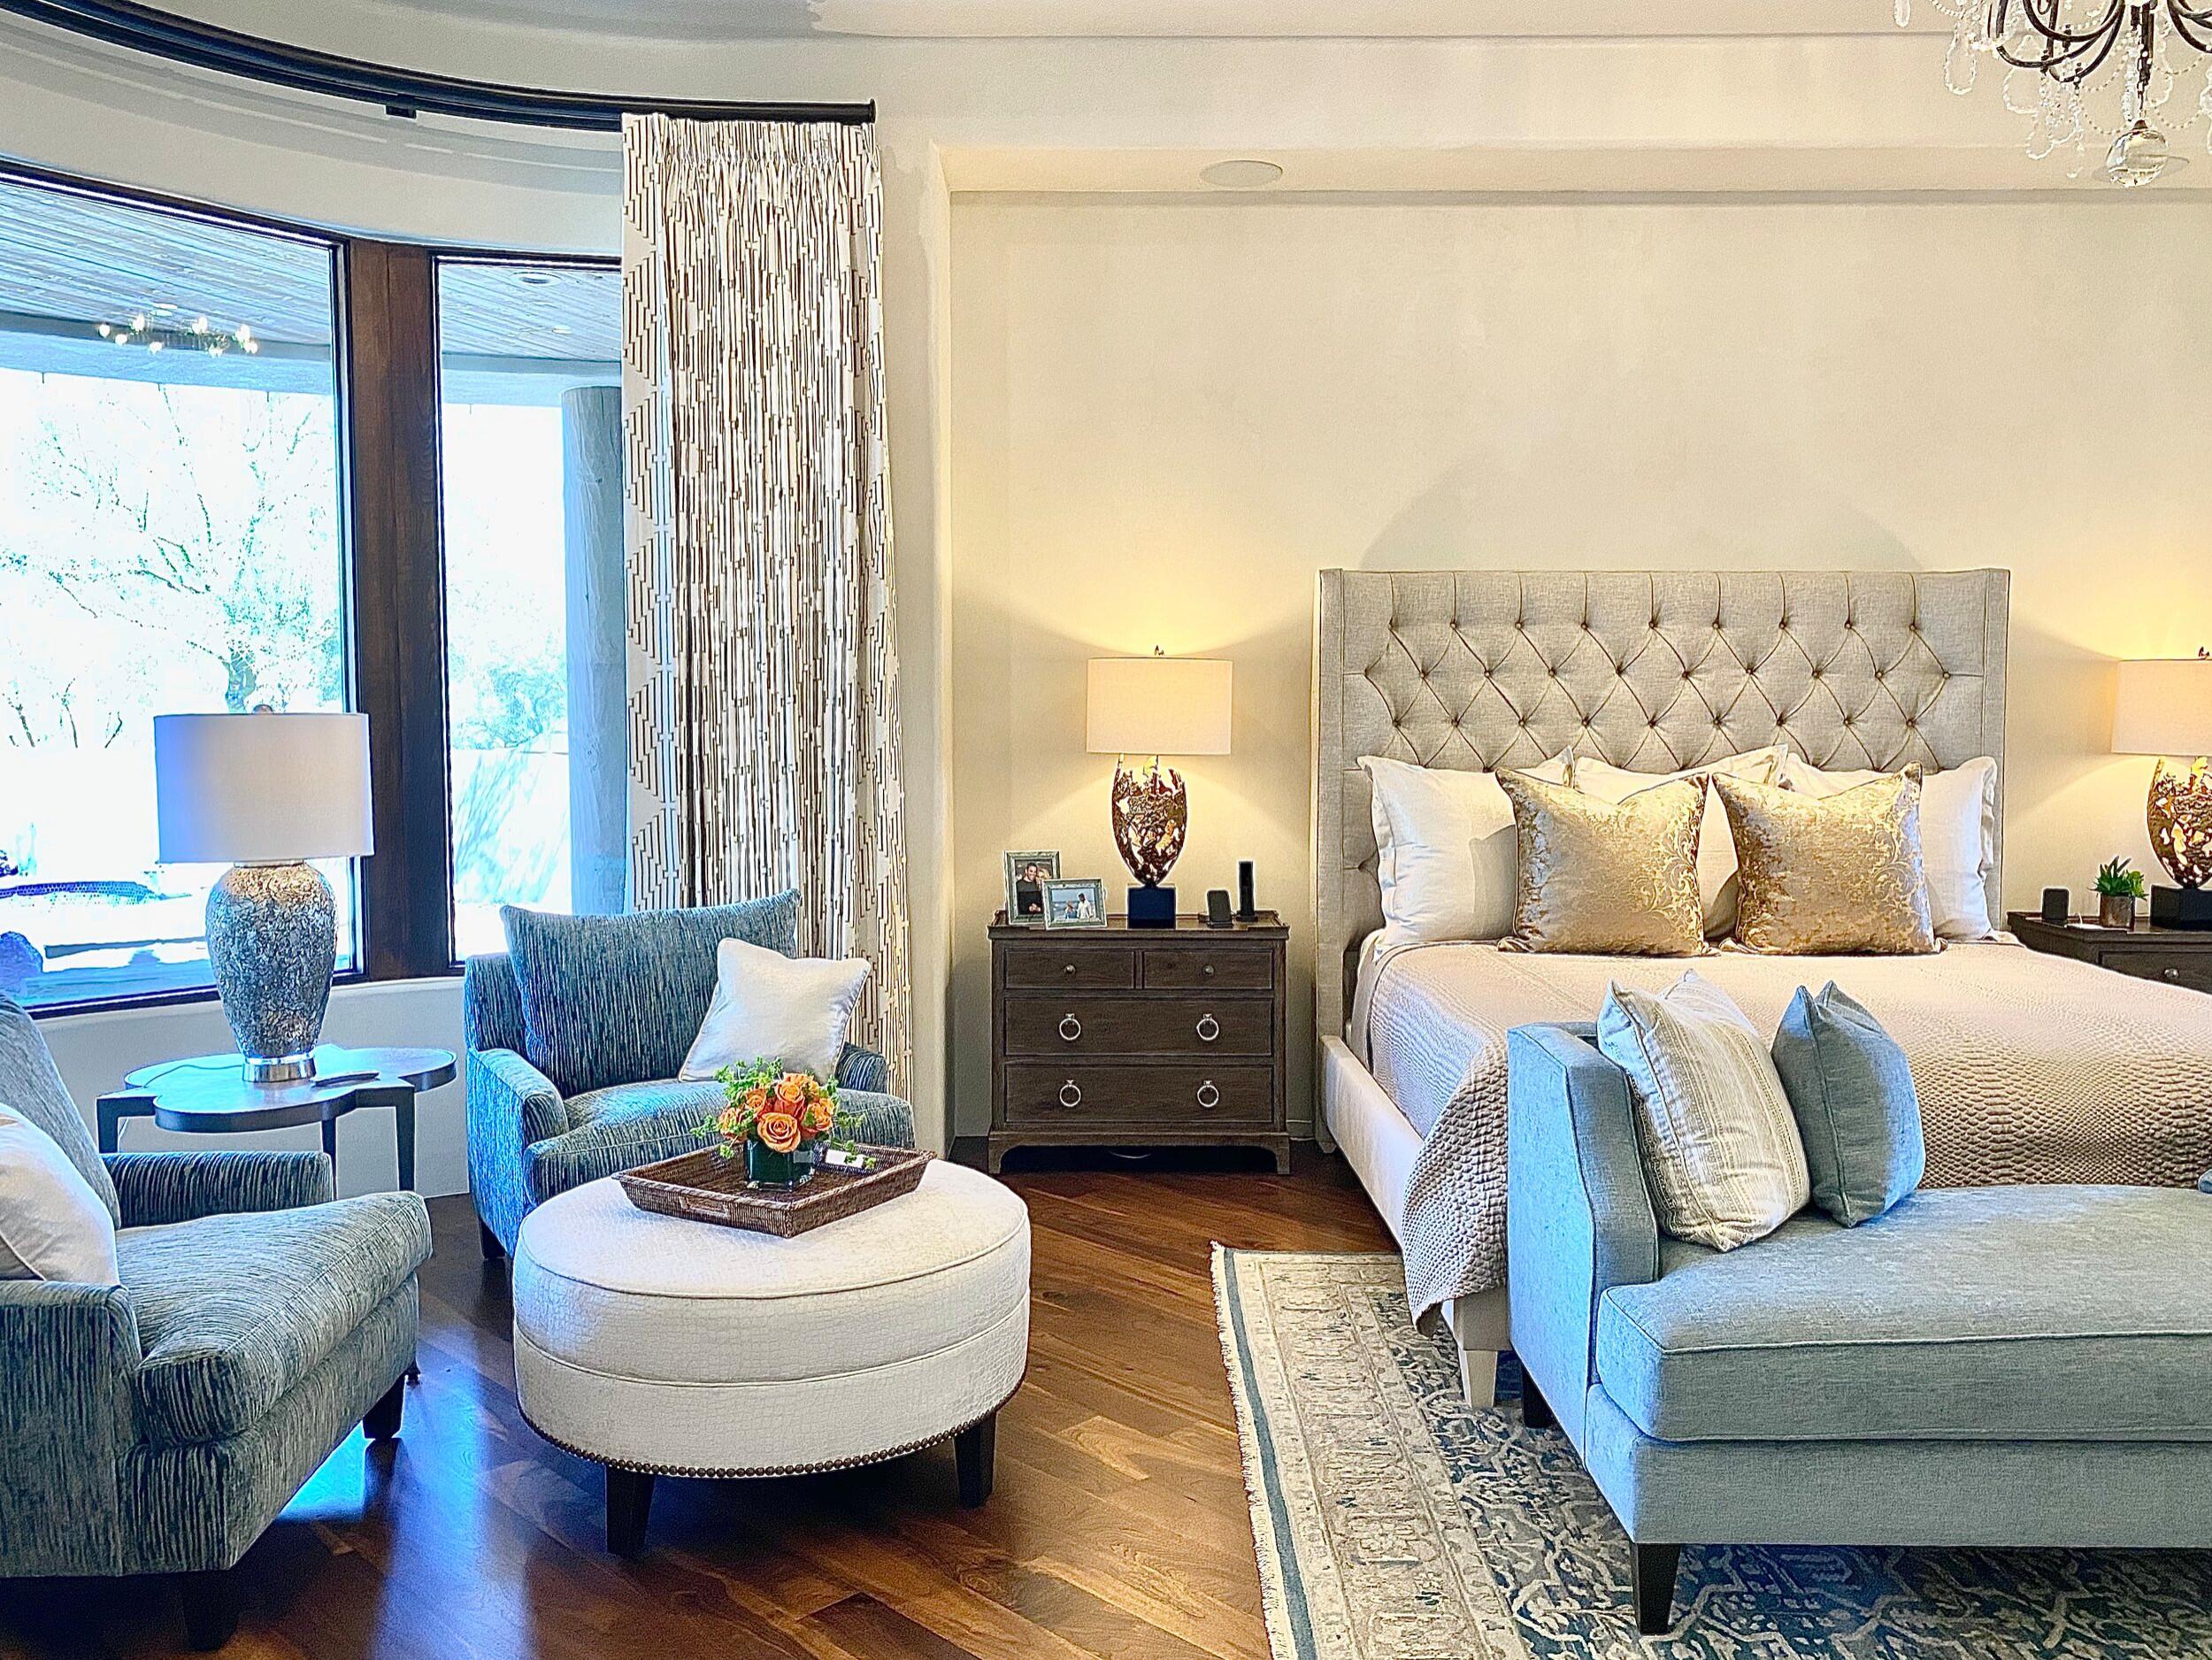 Bedroom - transitional bedroom idea in Phoenix